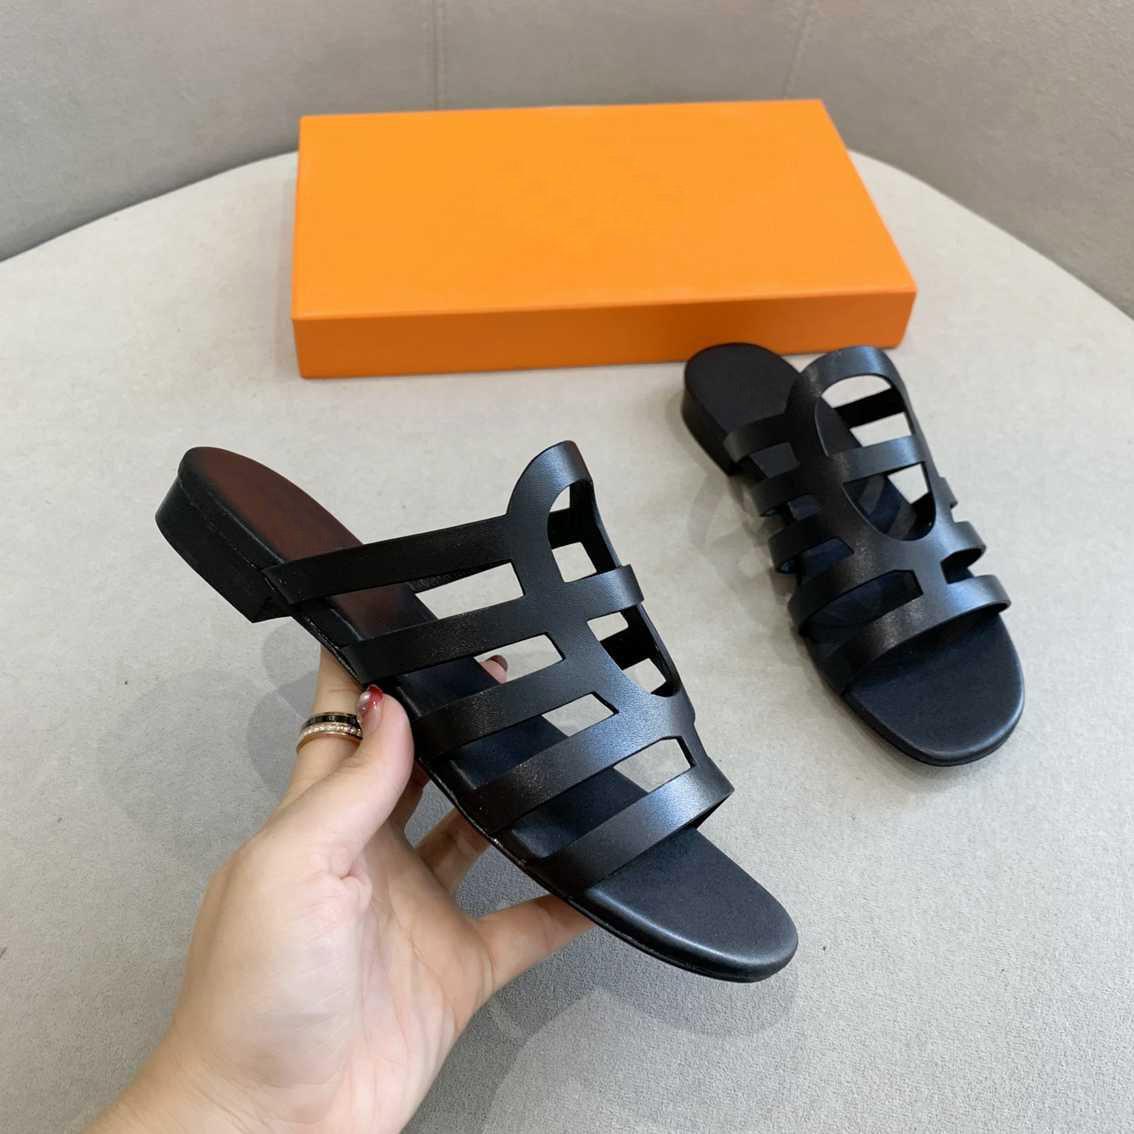 Nuevas sandalias de mujer caliente zapatos zapatillas de moda Diapositivas de verano ancho plano Lady Sandals Slipper con el tamaño de la caja 35-42